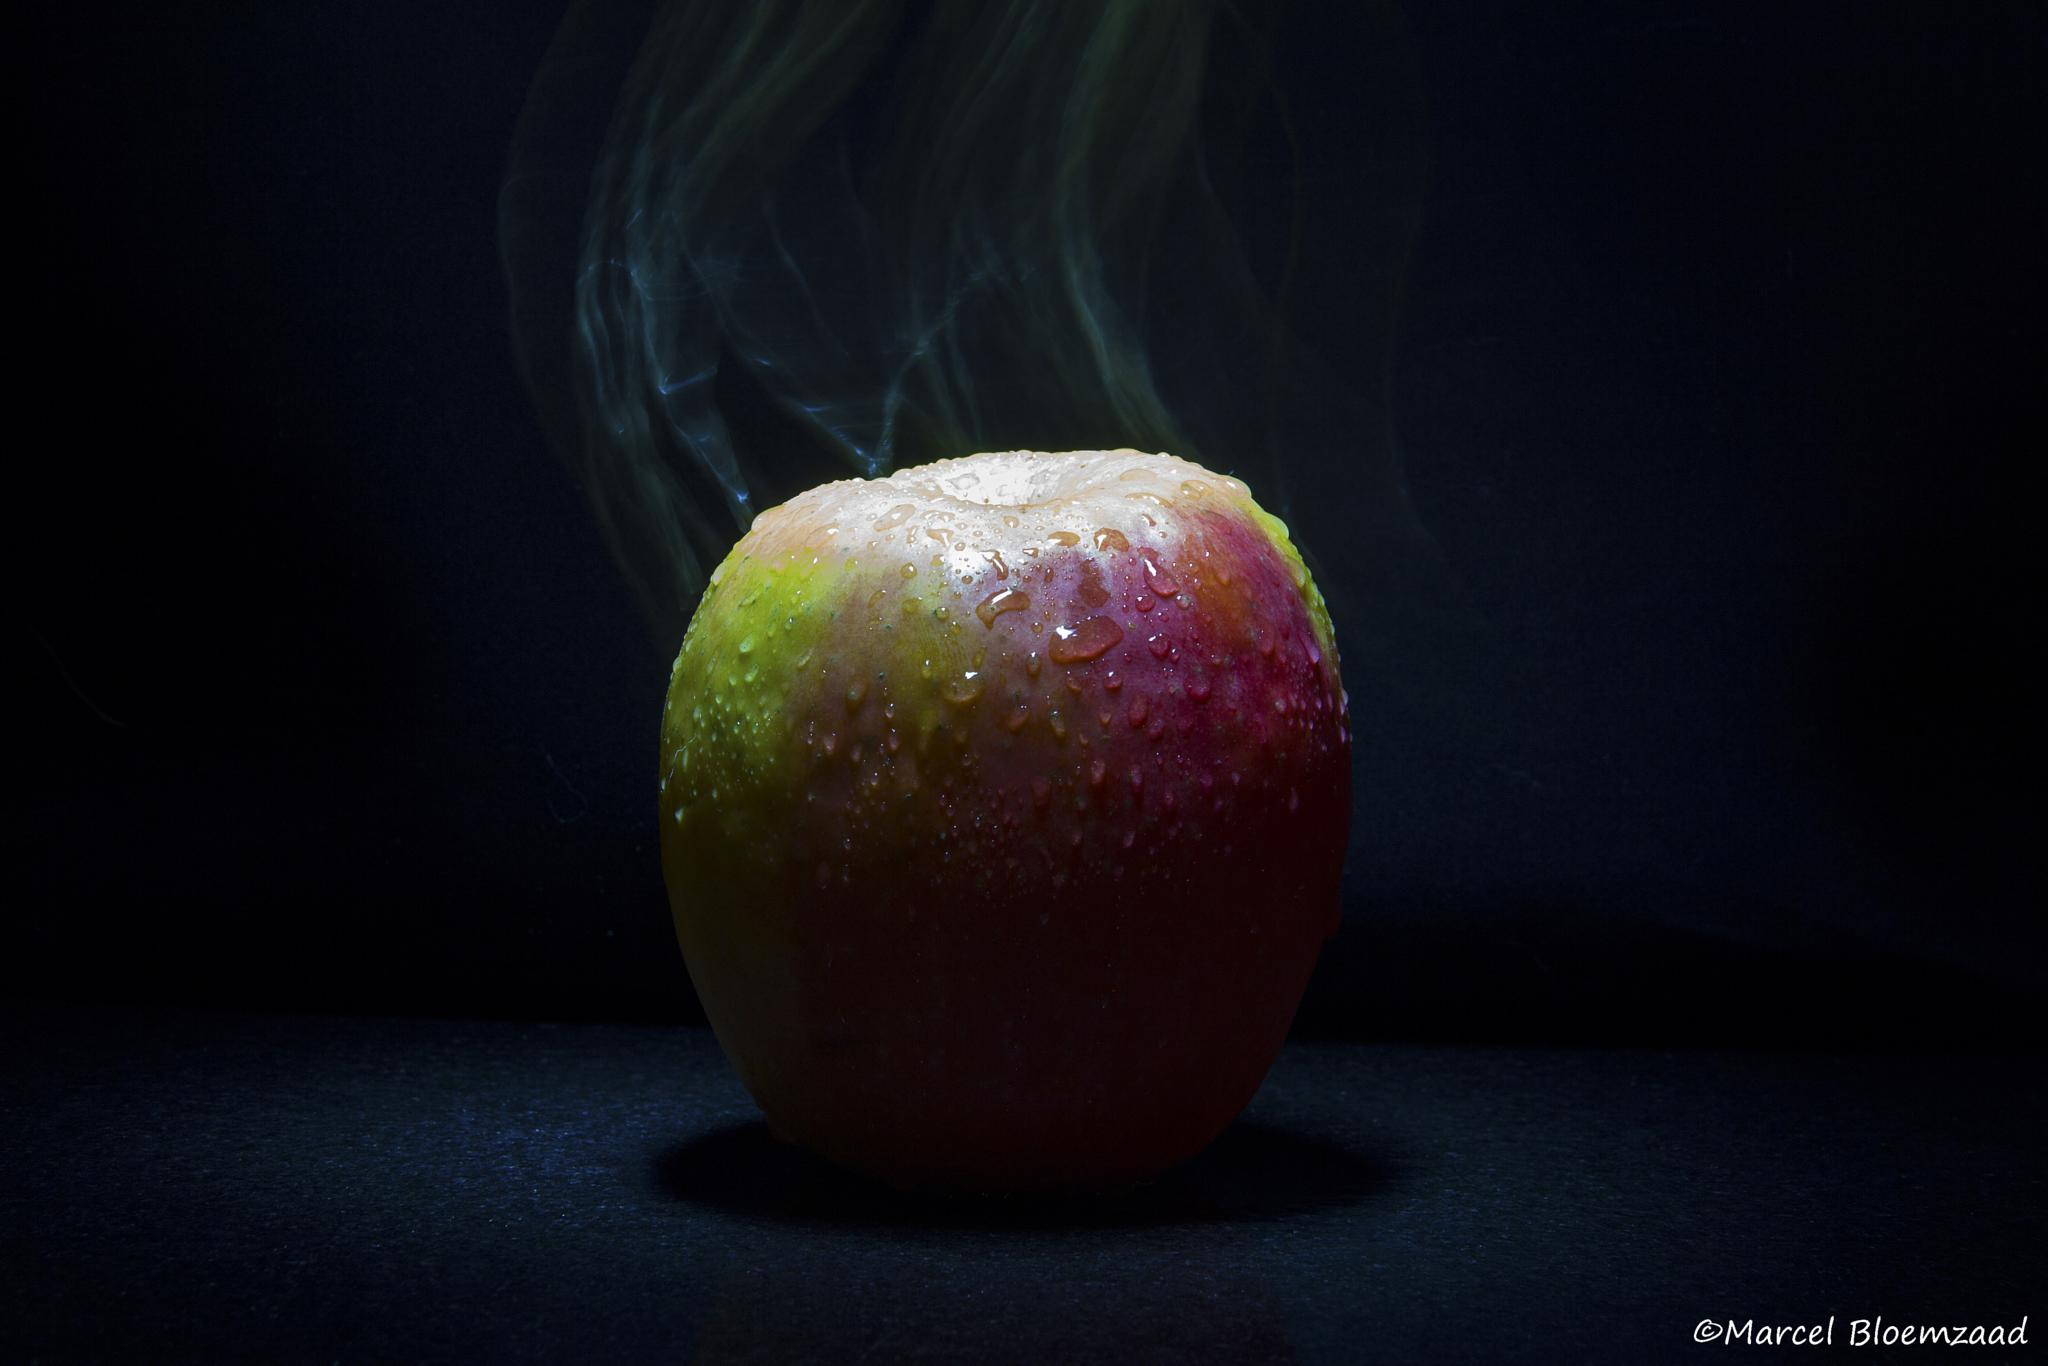 Hot Apple by Marcel